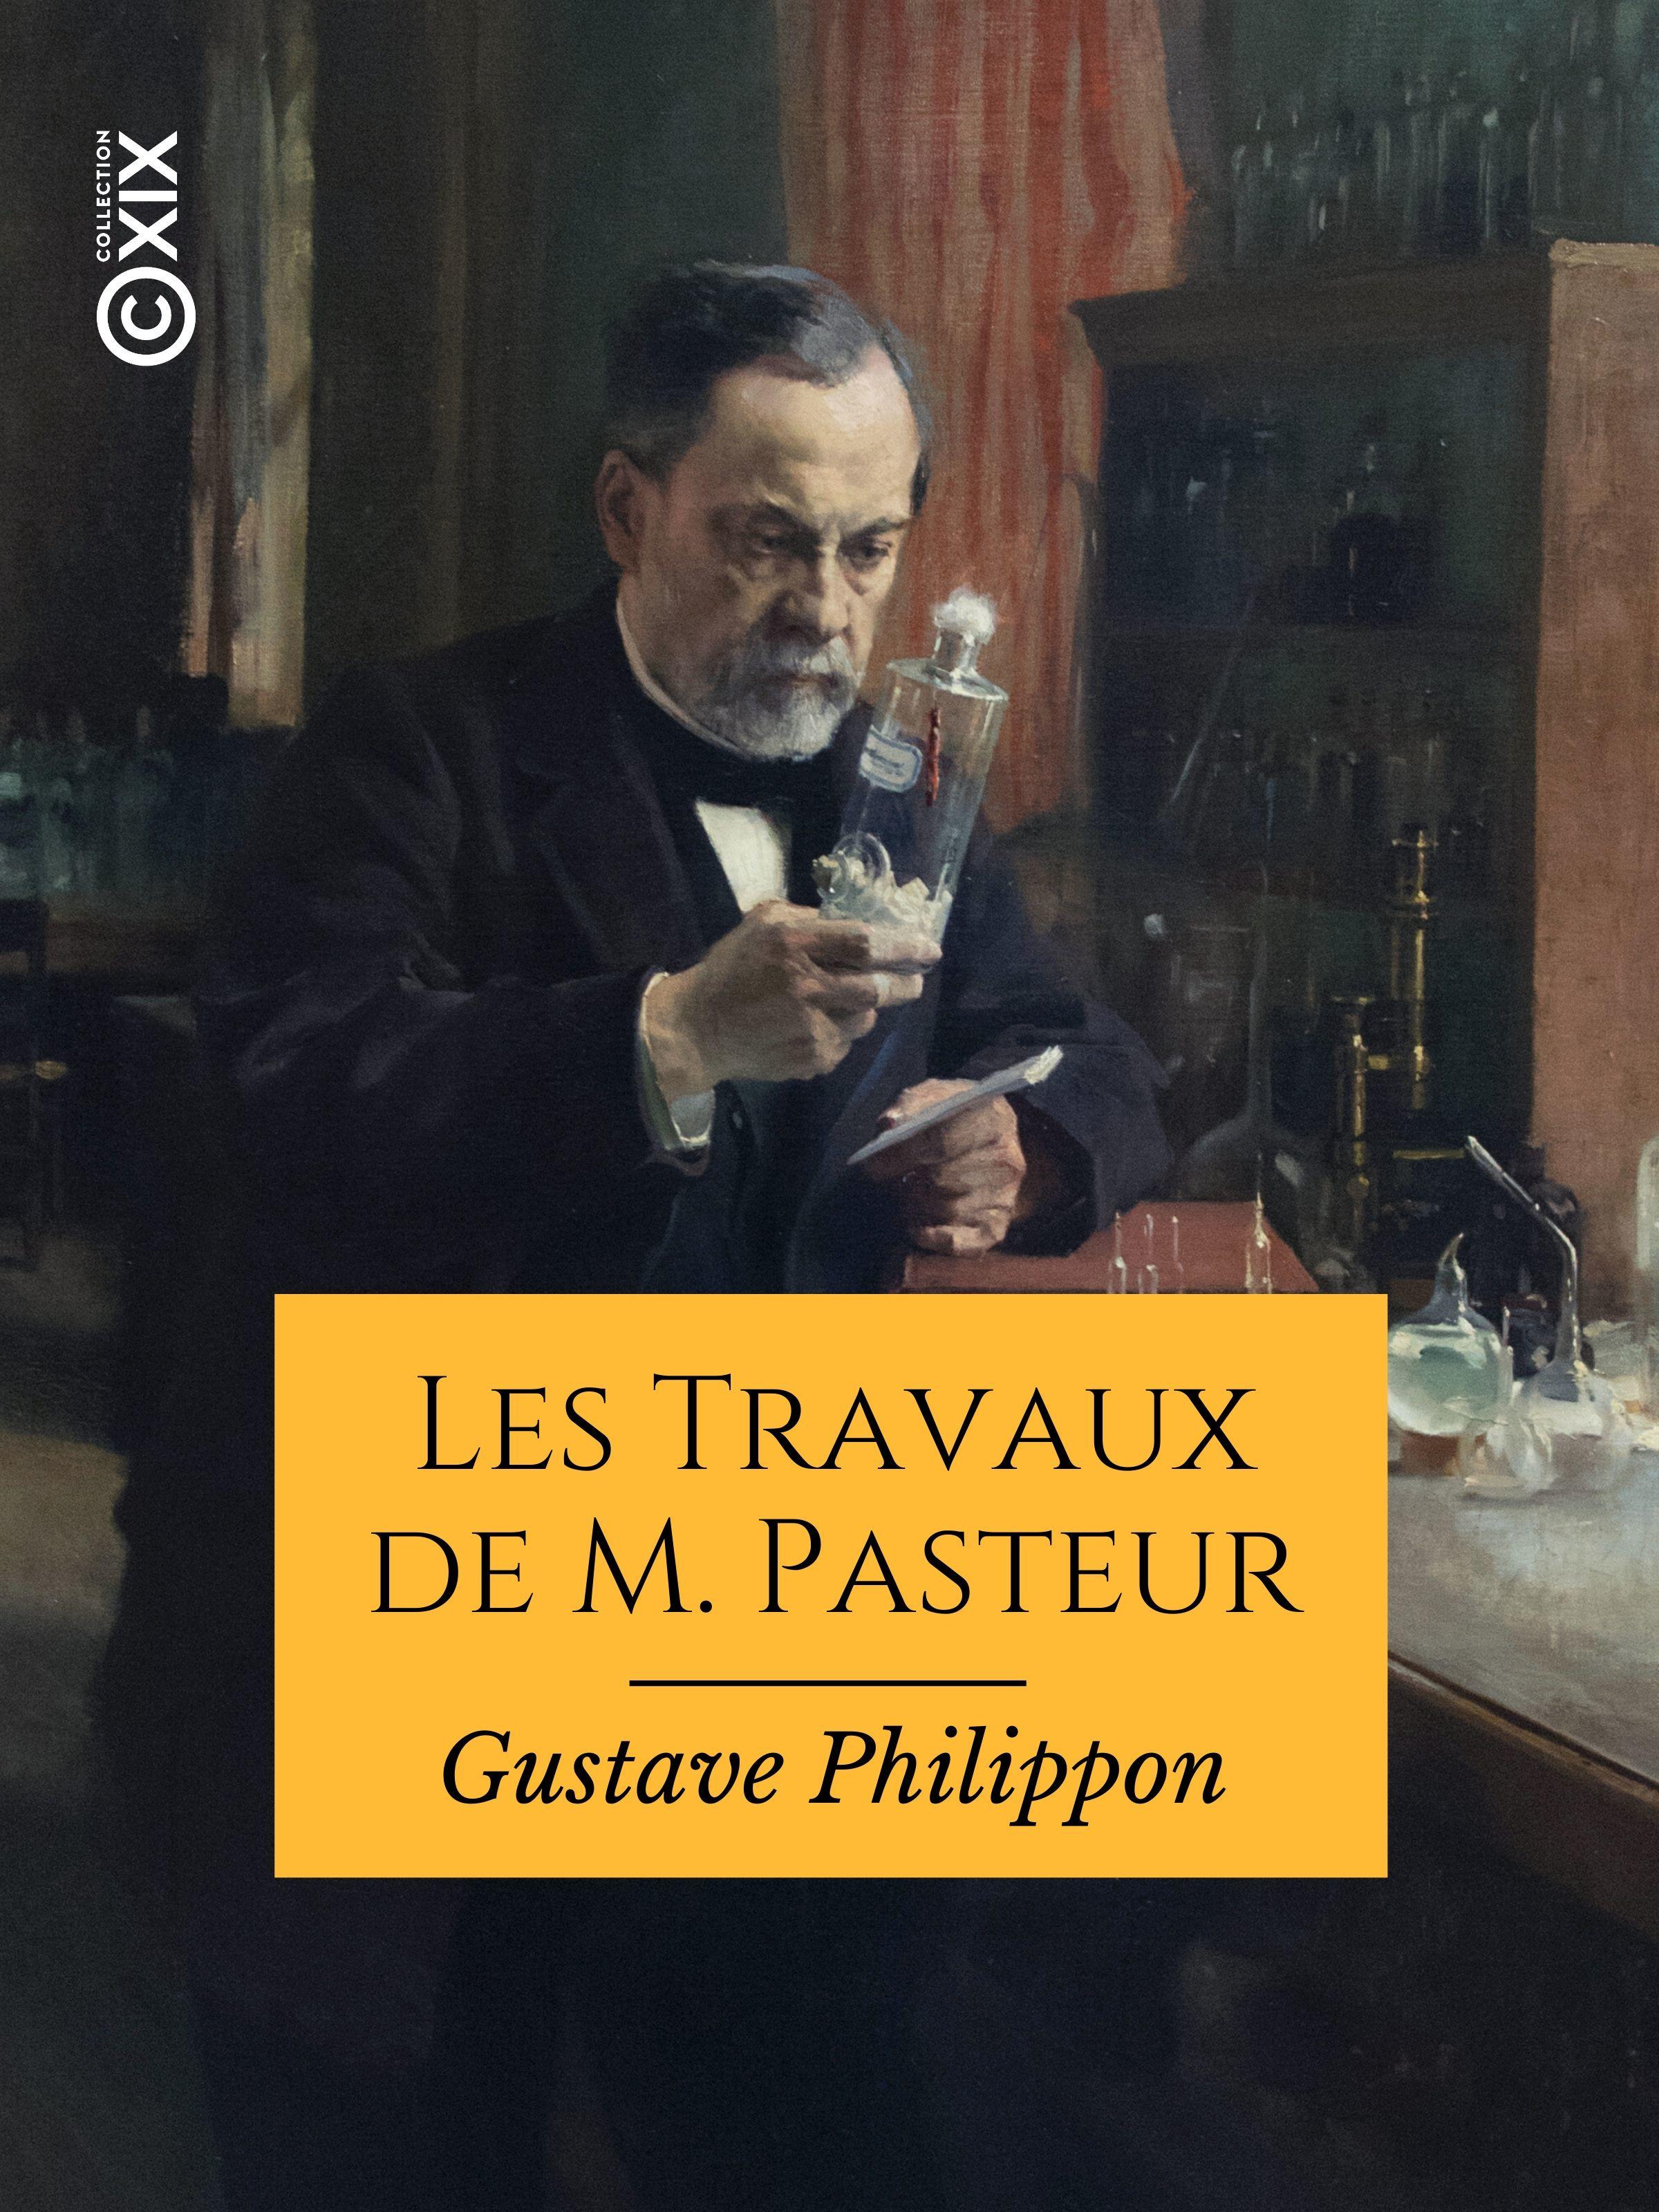 Les Travaux de M. Pasteur